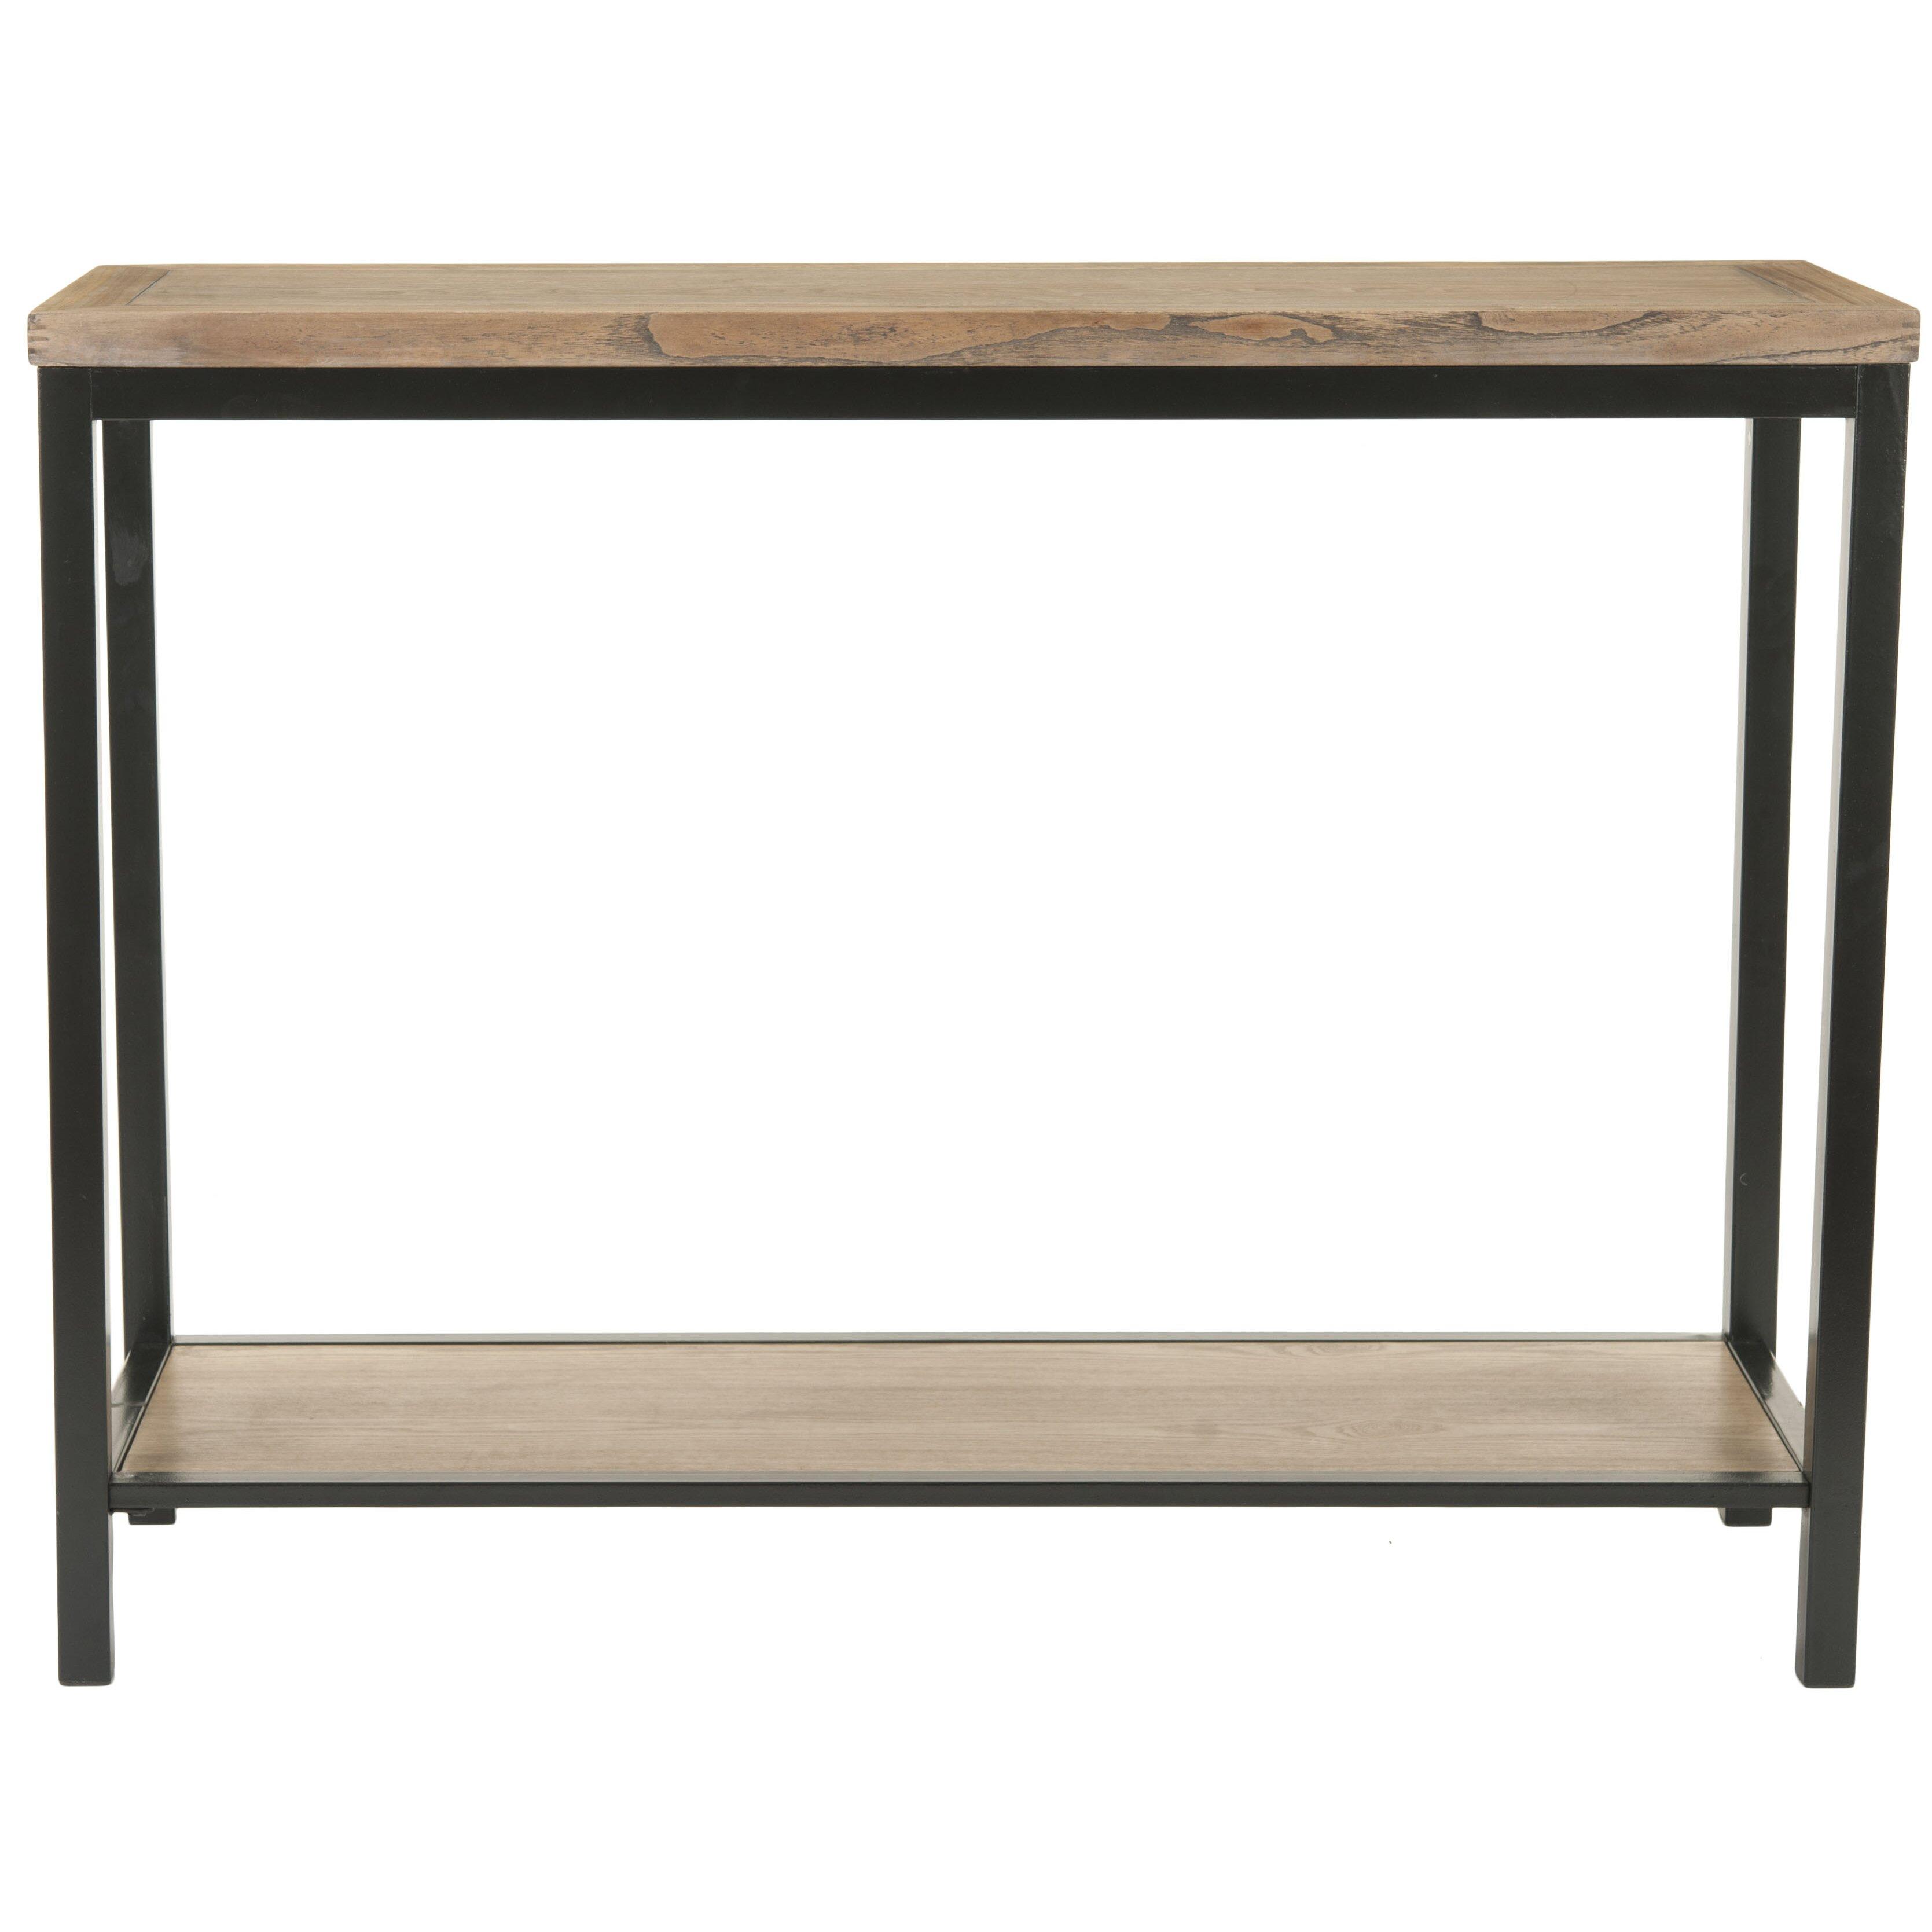 Shop Scott Living Brown Industrial Kitchen Cart At Lowes Com: Trent Austin Design Armandale Console Table & Reviews